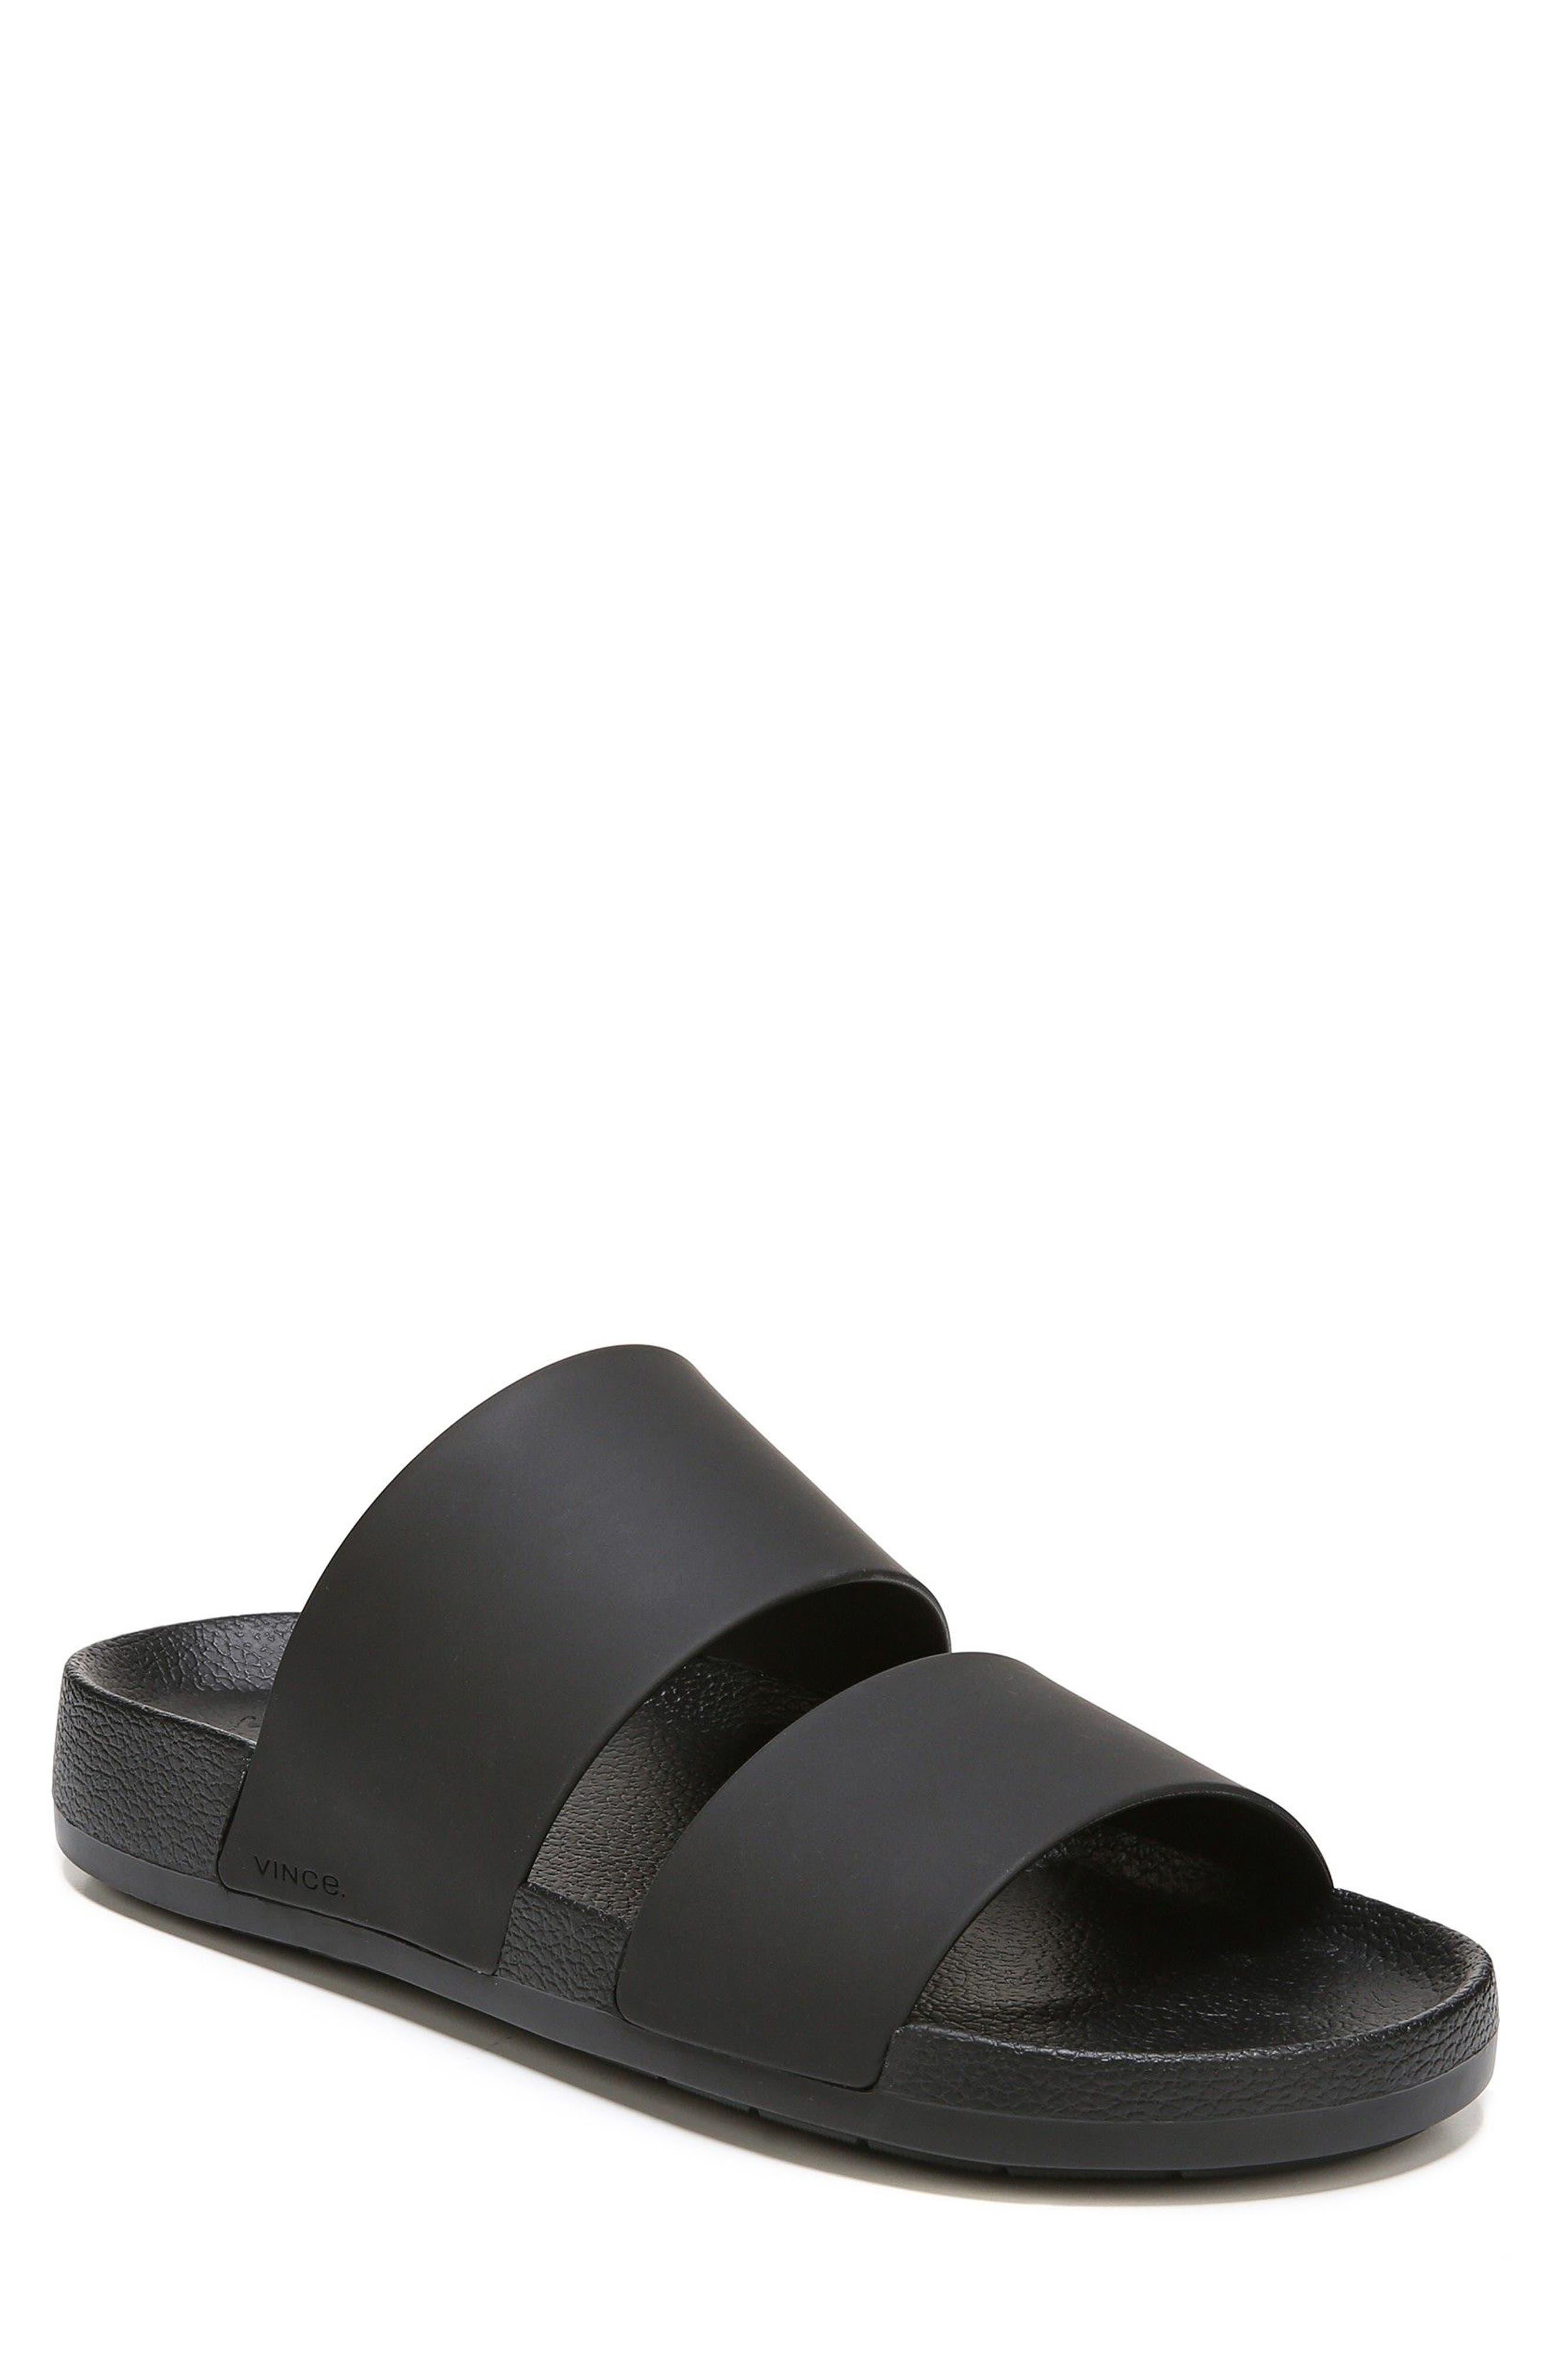 Mariner Slide Sandal,                         Main,                         color, 001